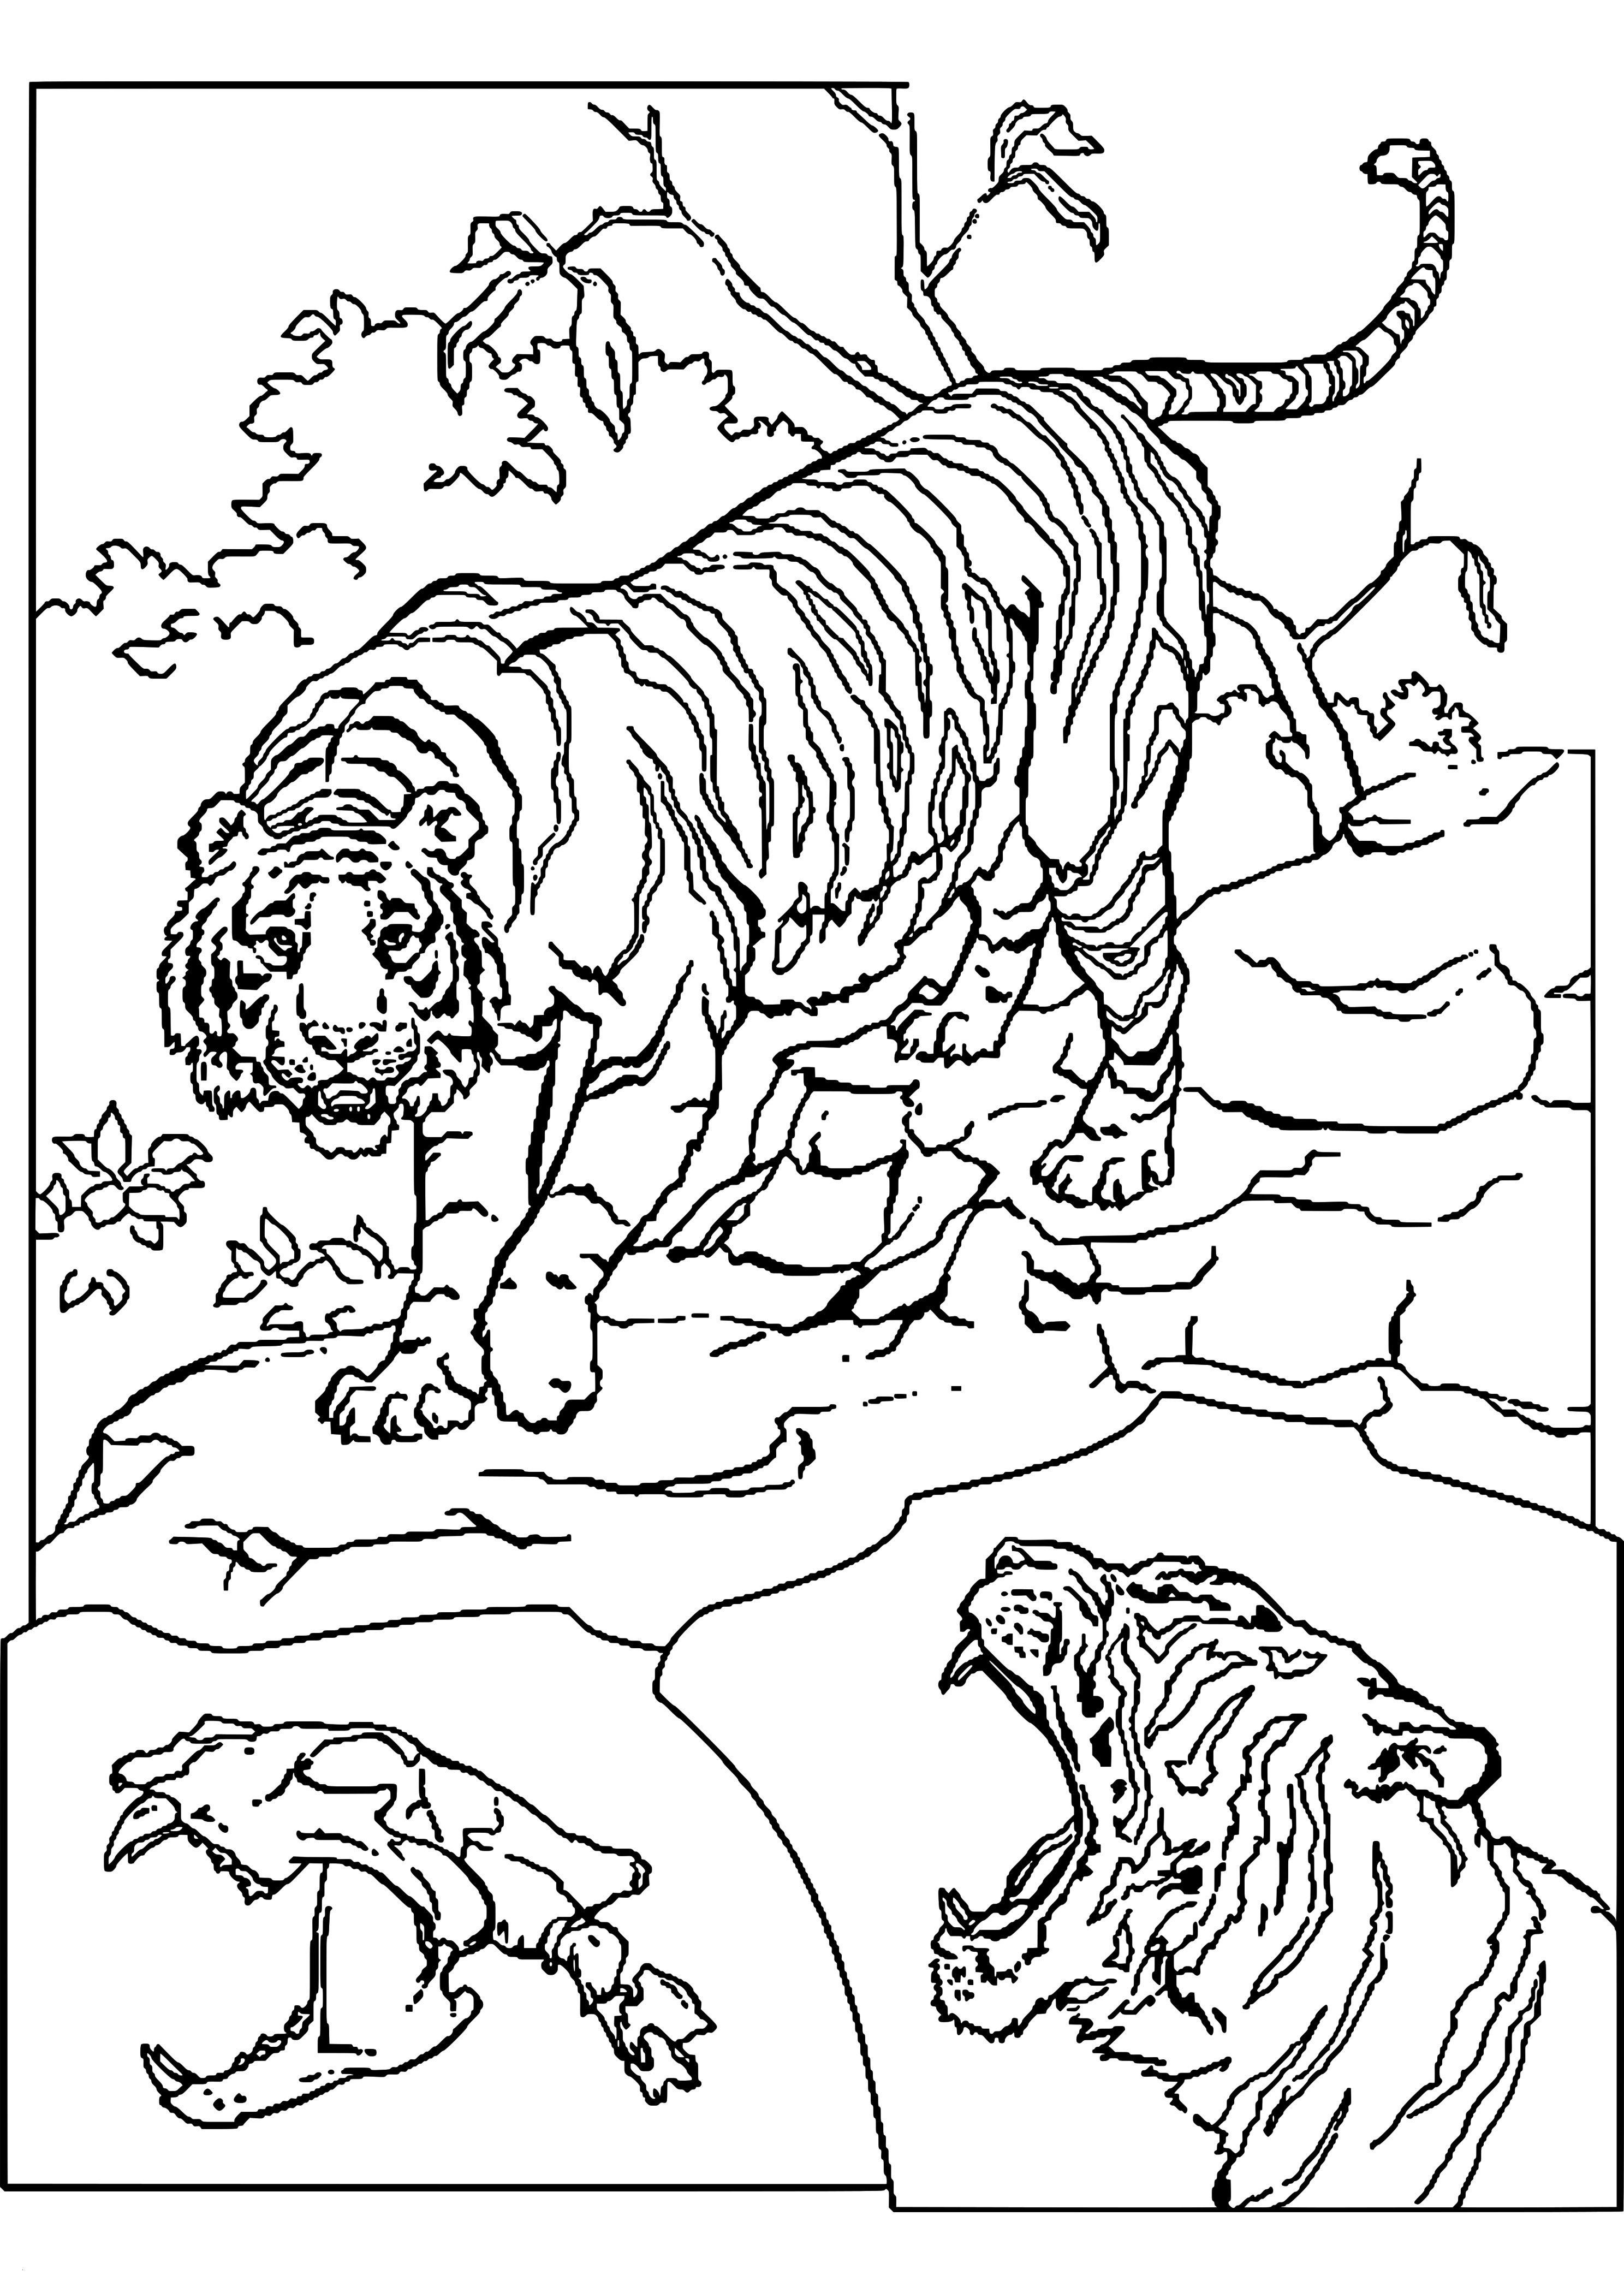 Ausmalbilder Tiere Im Dschungel Neu Bilder Zum Ausmalen Tiere Meilleur De Collection Bilder Tiere Zum Stock